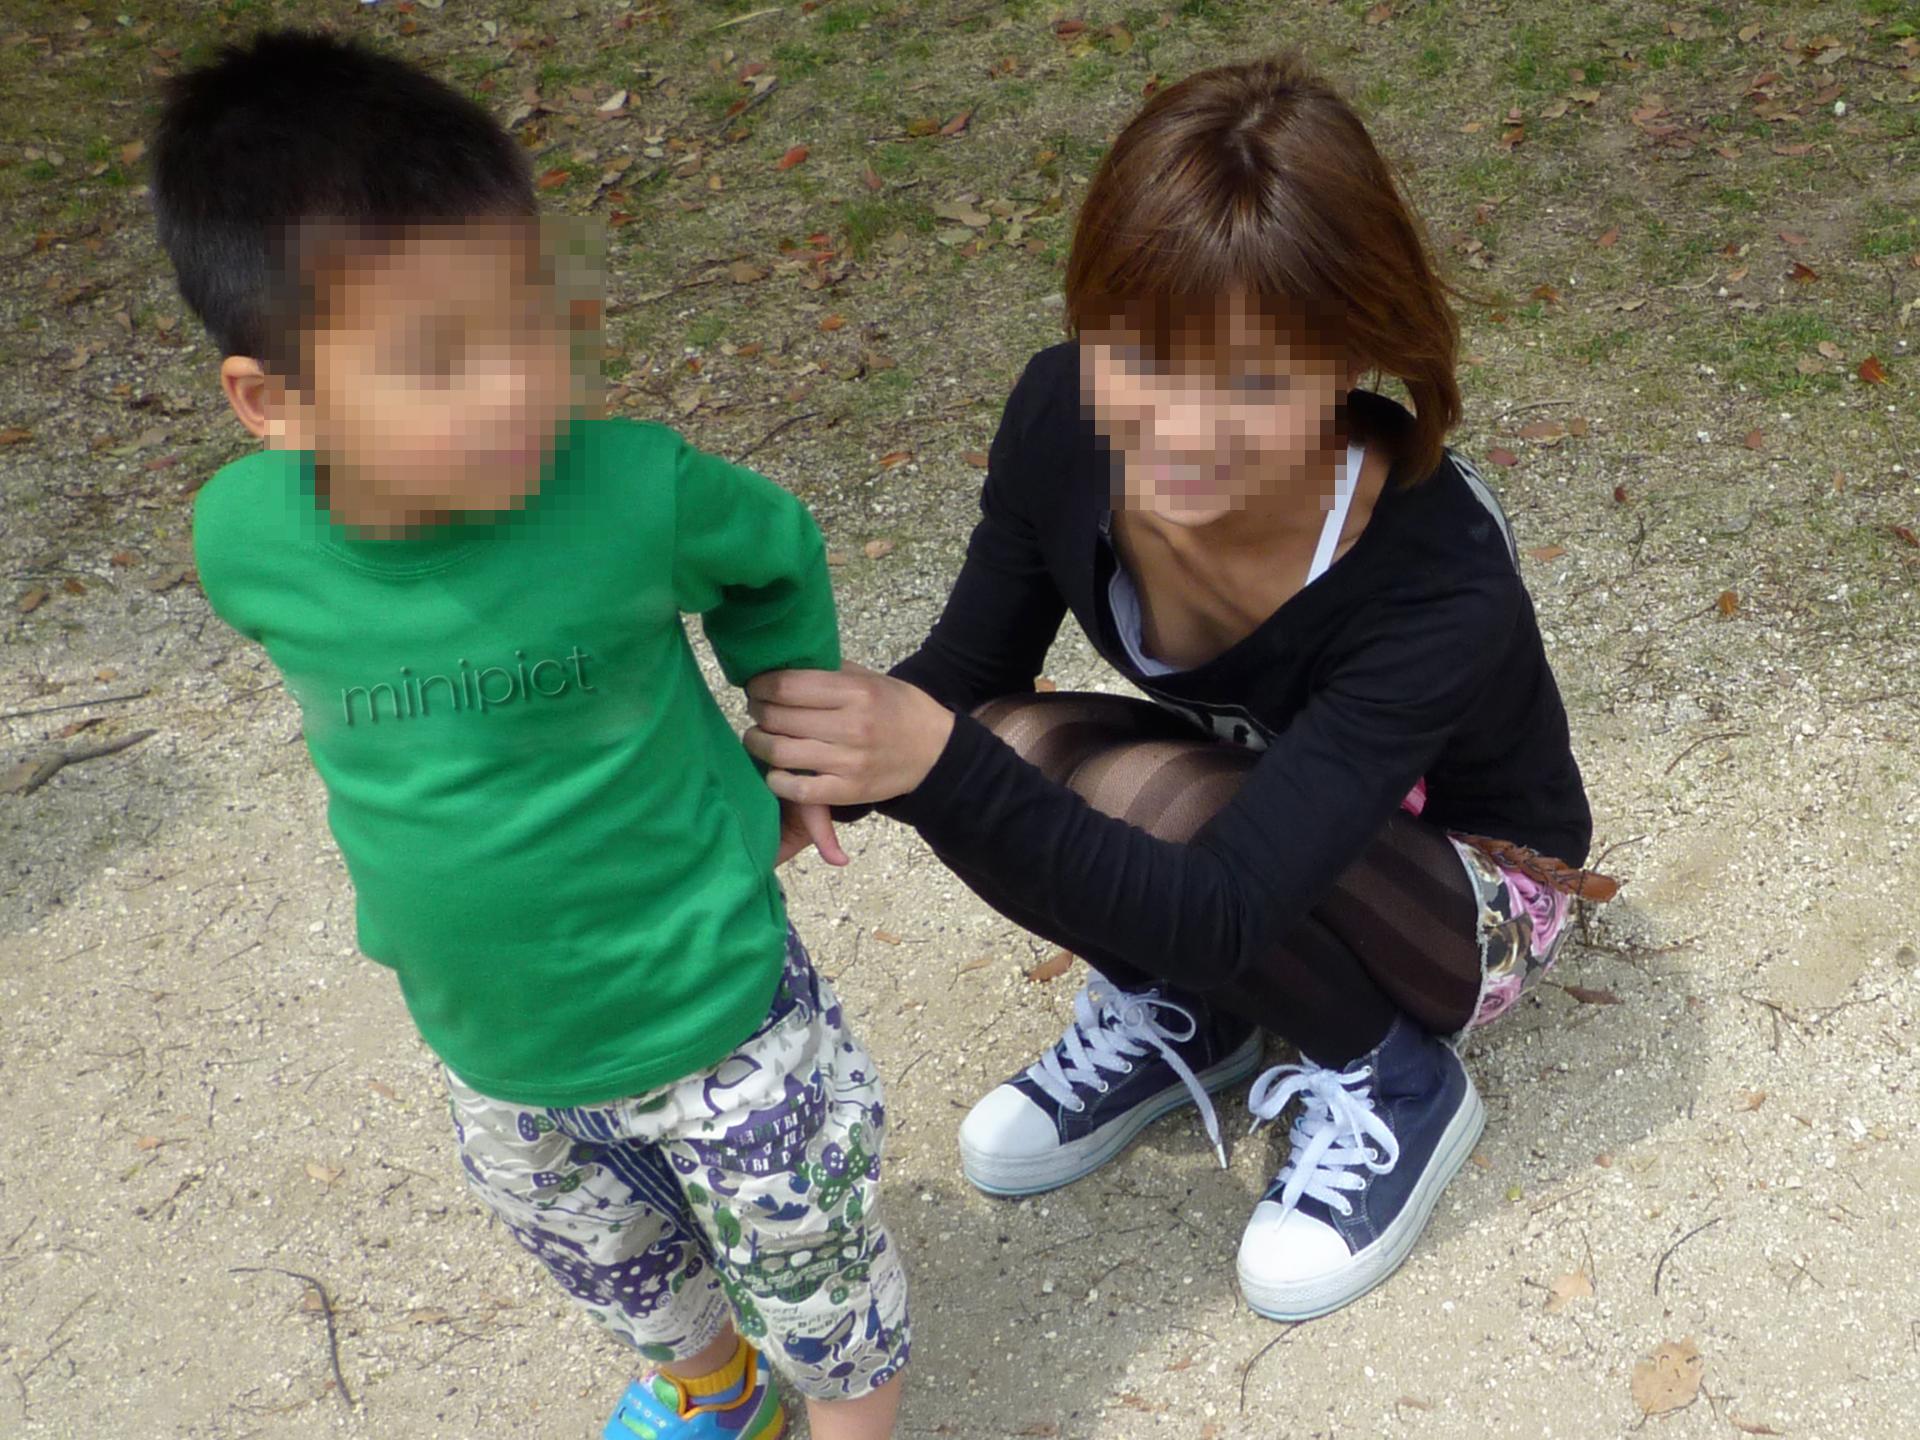 【胸チラエロ画像】ギャルもママさんも、油断してたらこうやって…隙だらけの胸チラ激写!  14